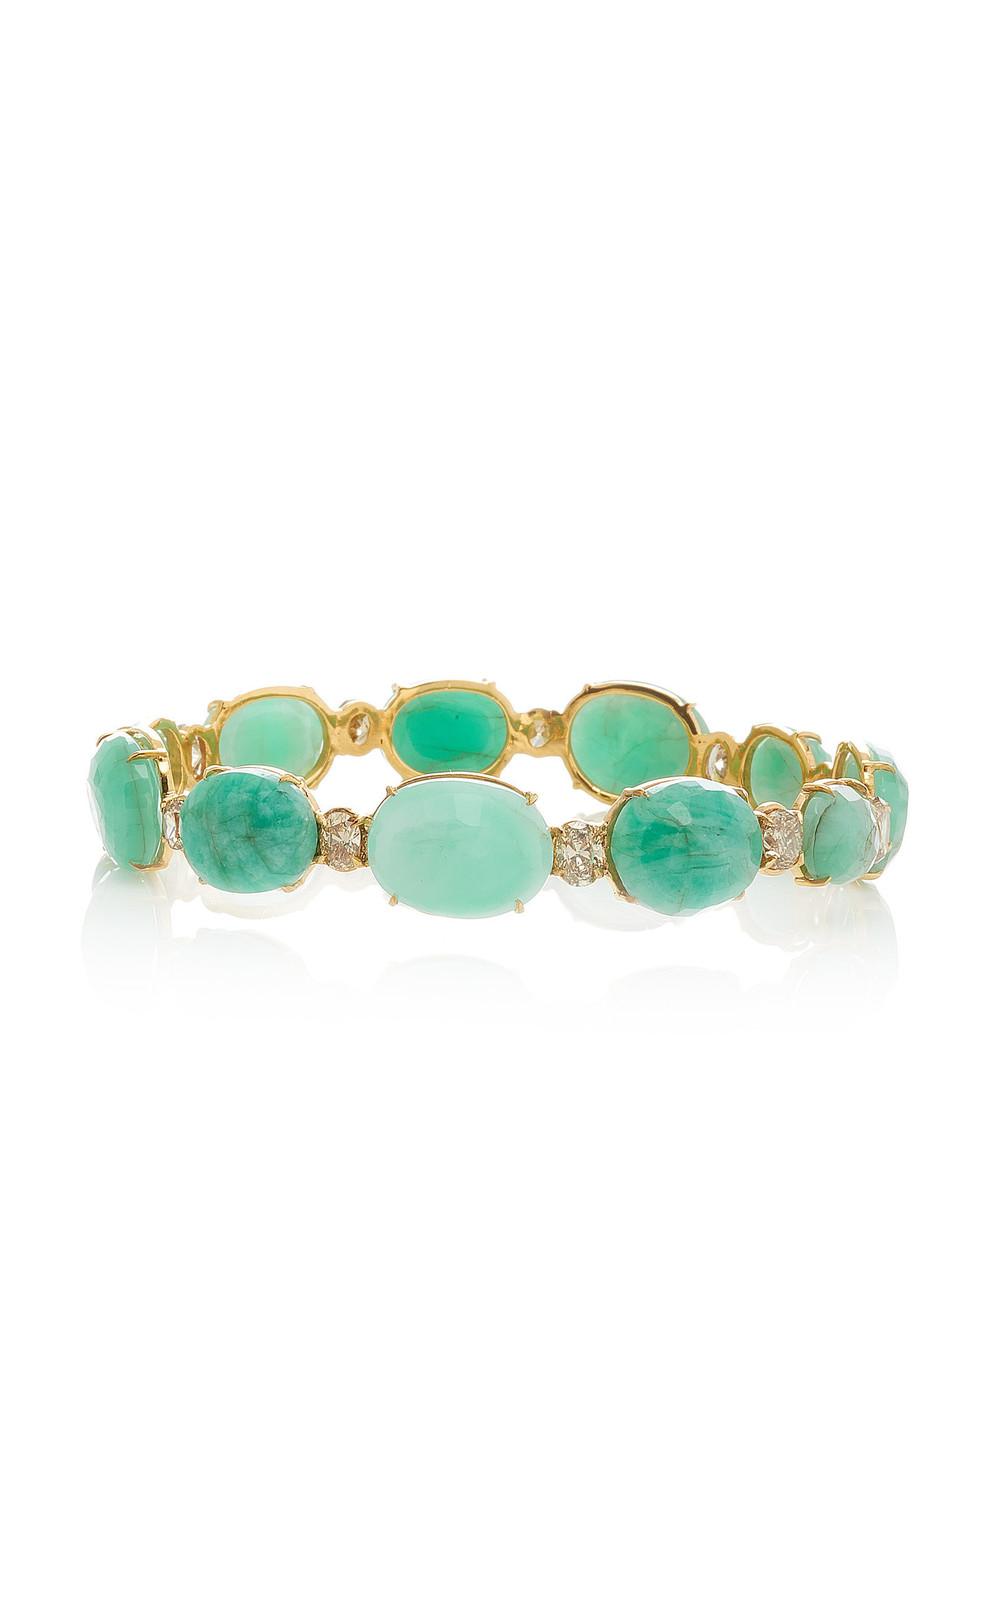 Ofira Milky Emerald & Champagne Diamond Bangle in gold